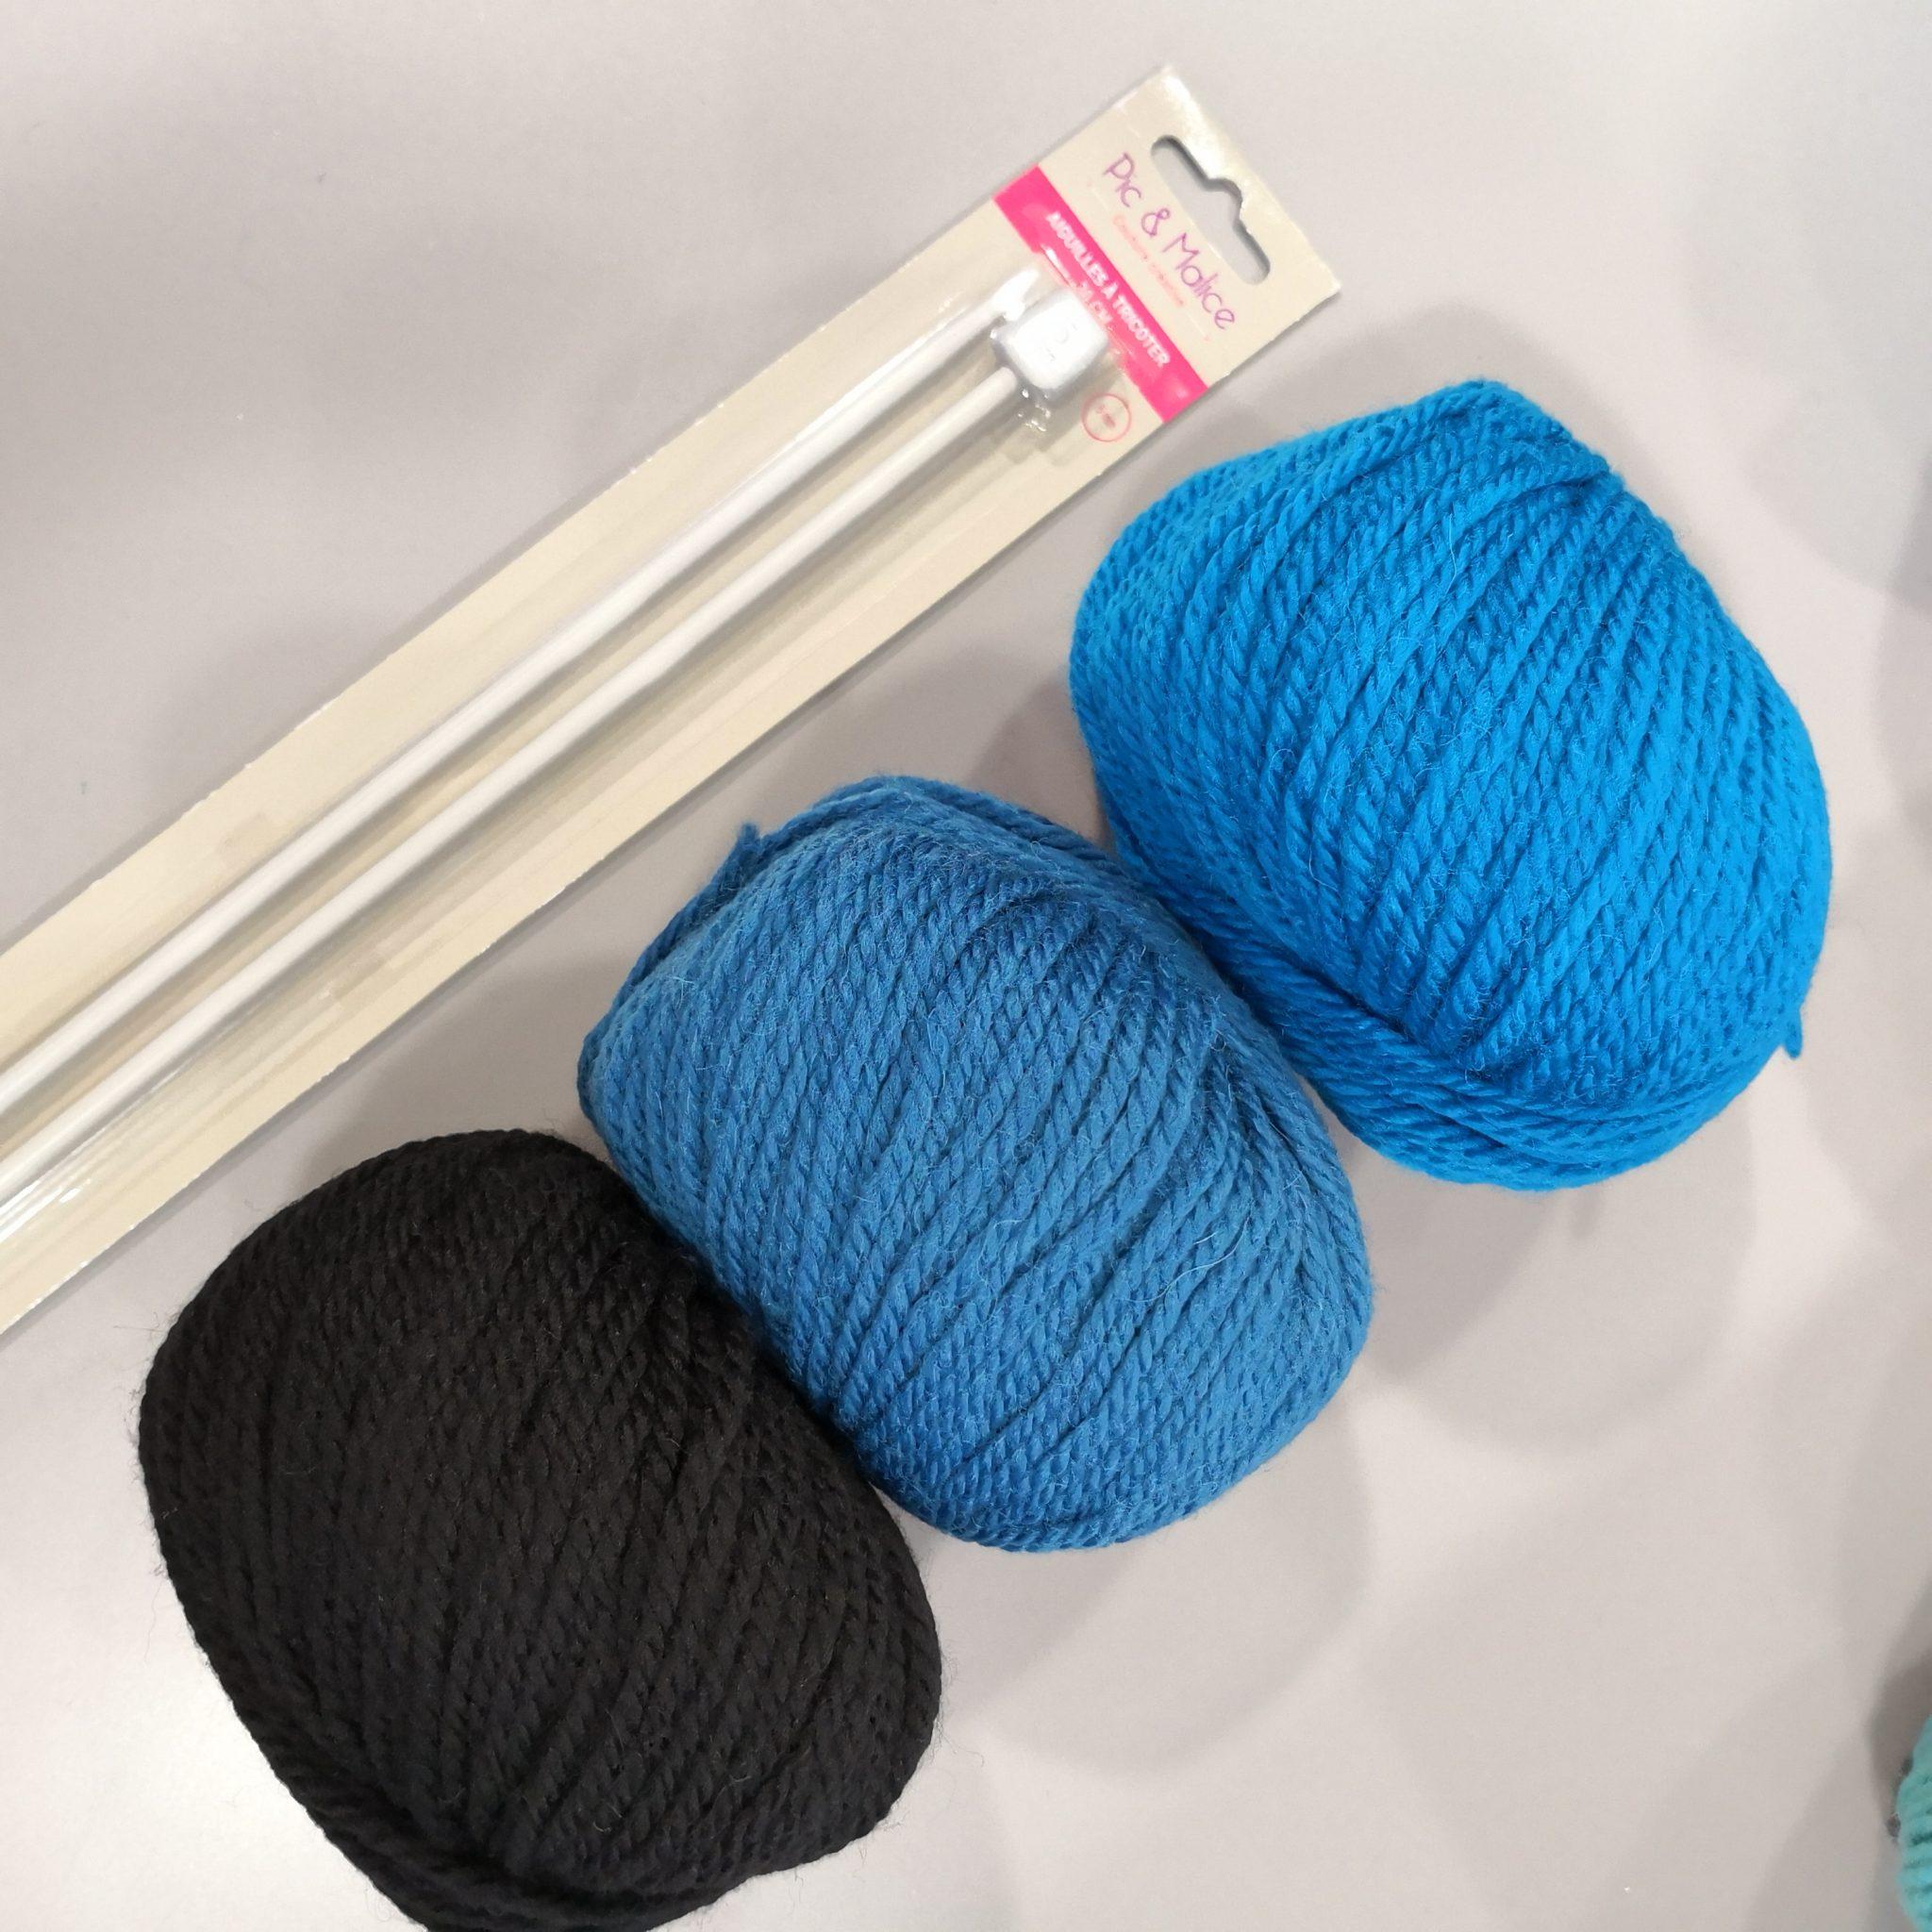 Laine Fonty N°5 et aiguilles à tricoter